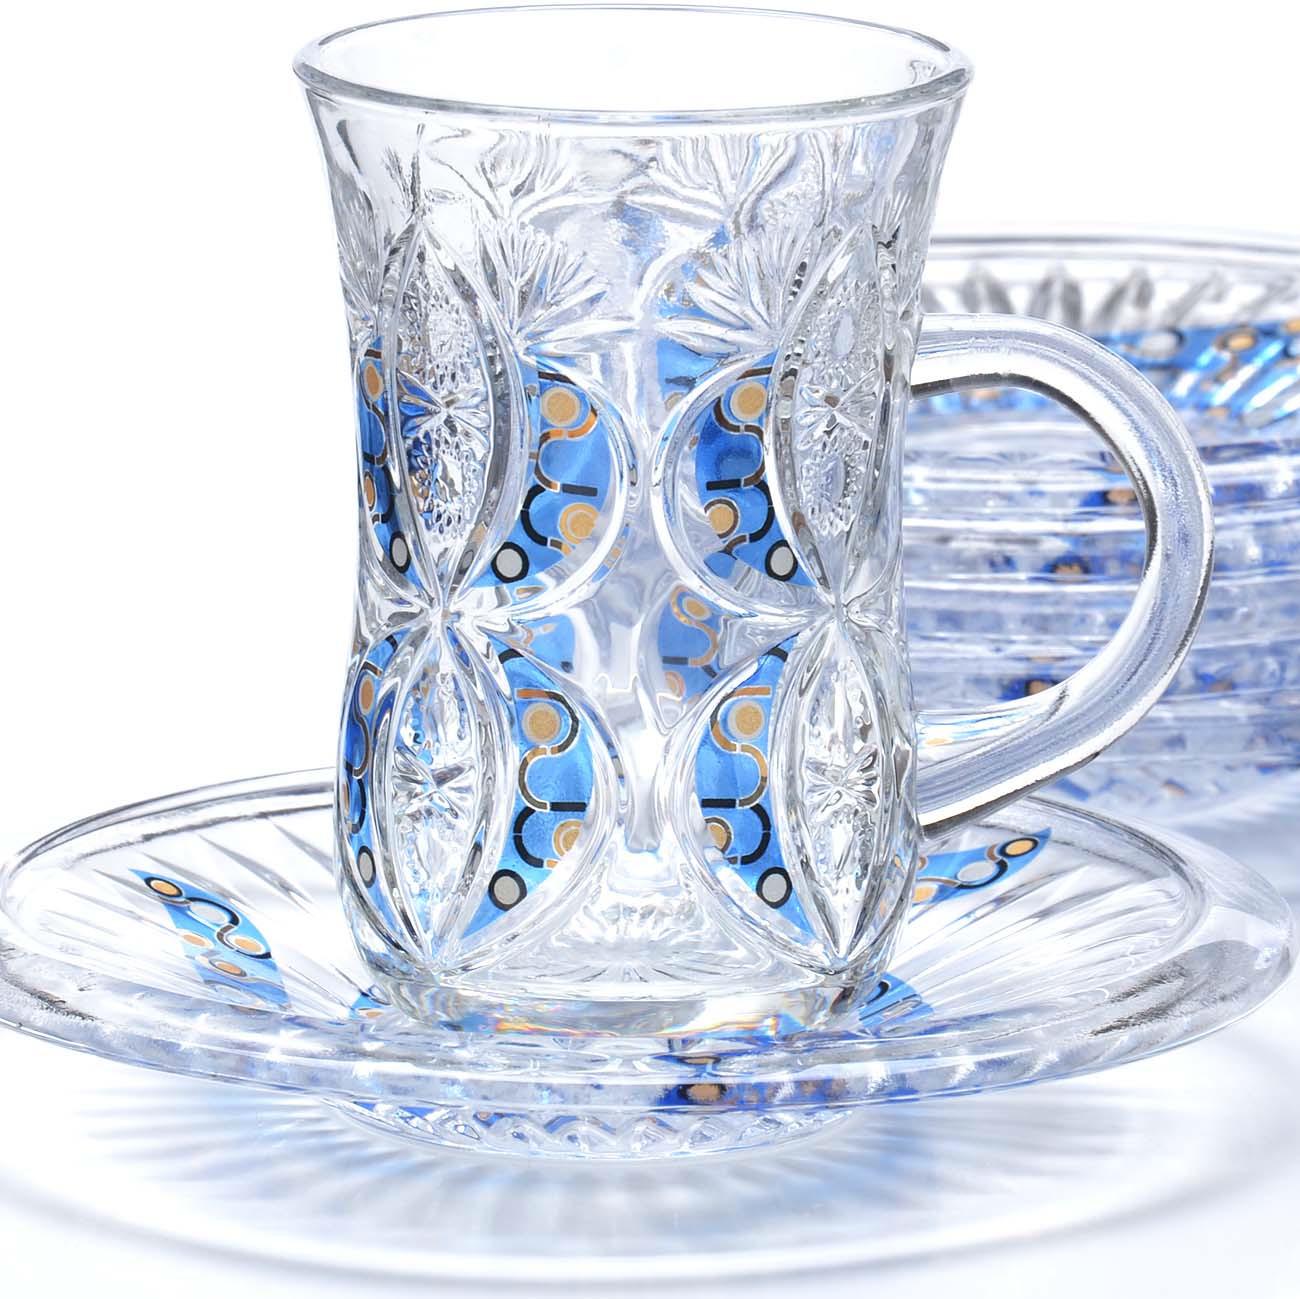 Набор чайный Loraine, цвет: прозрачный, желтый, голубой, 12 предметов